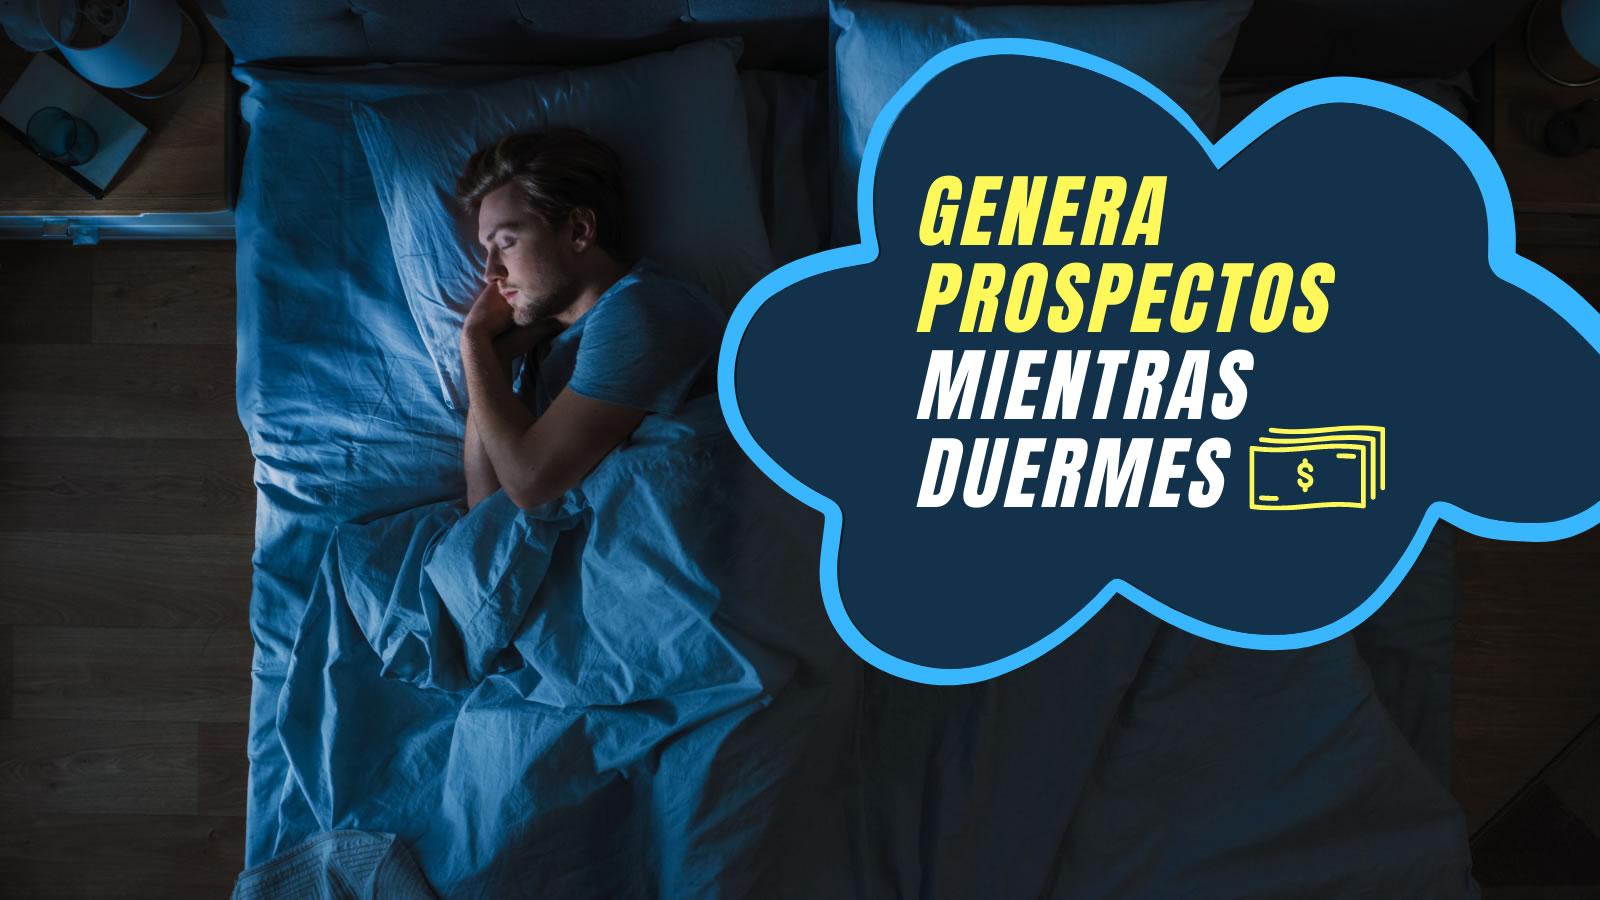 Genera prospectos mientras duermes